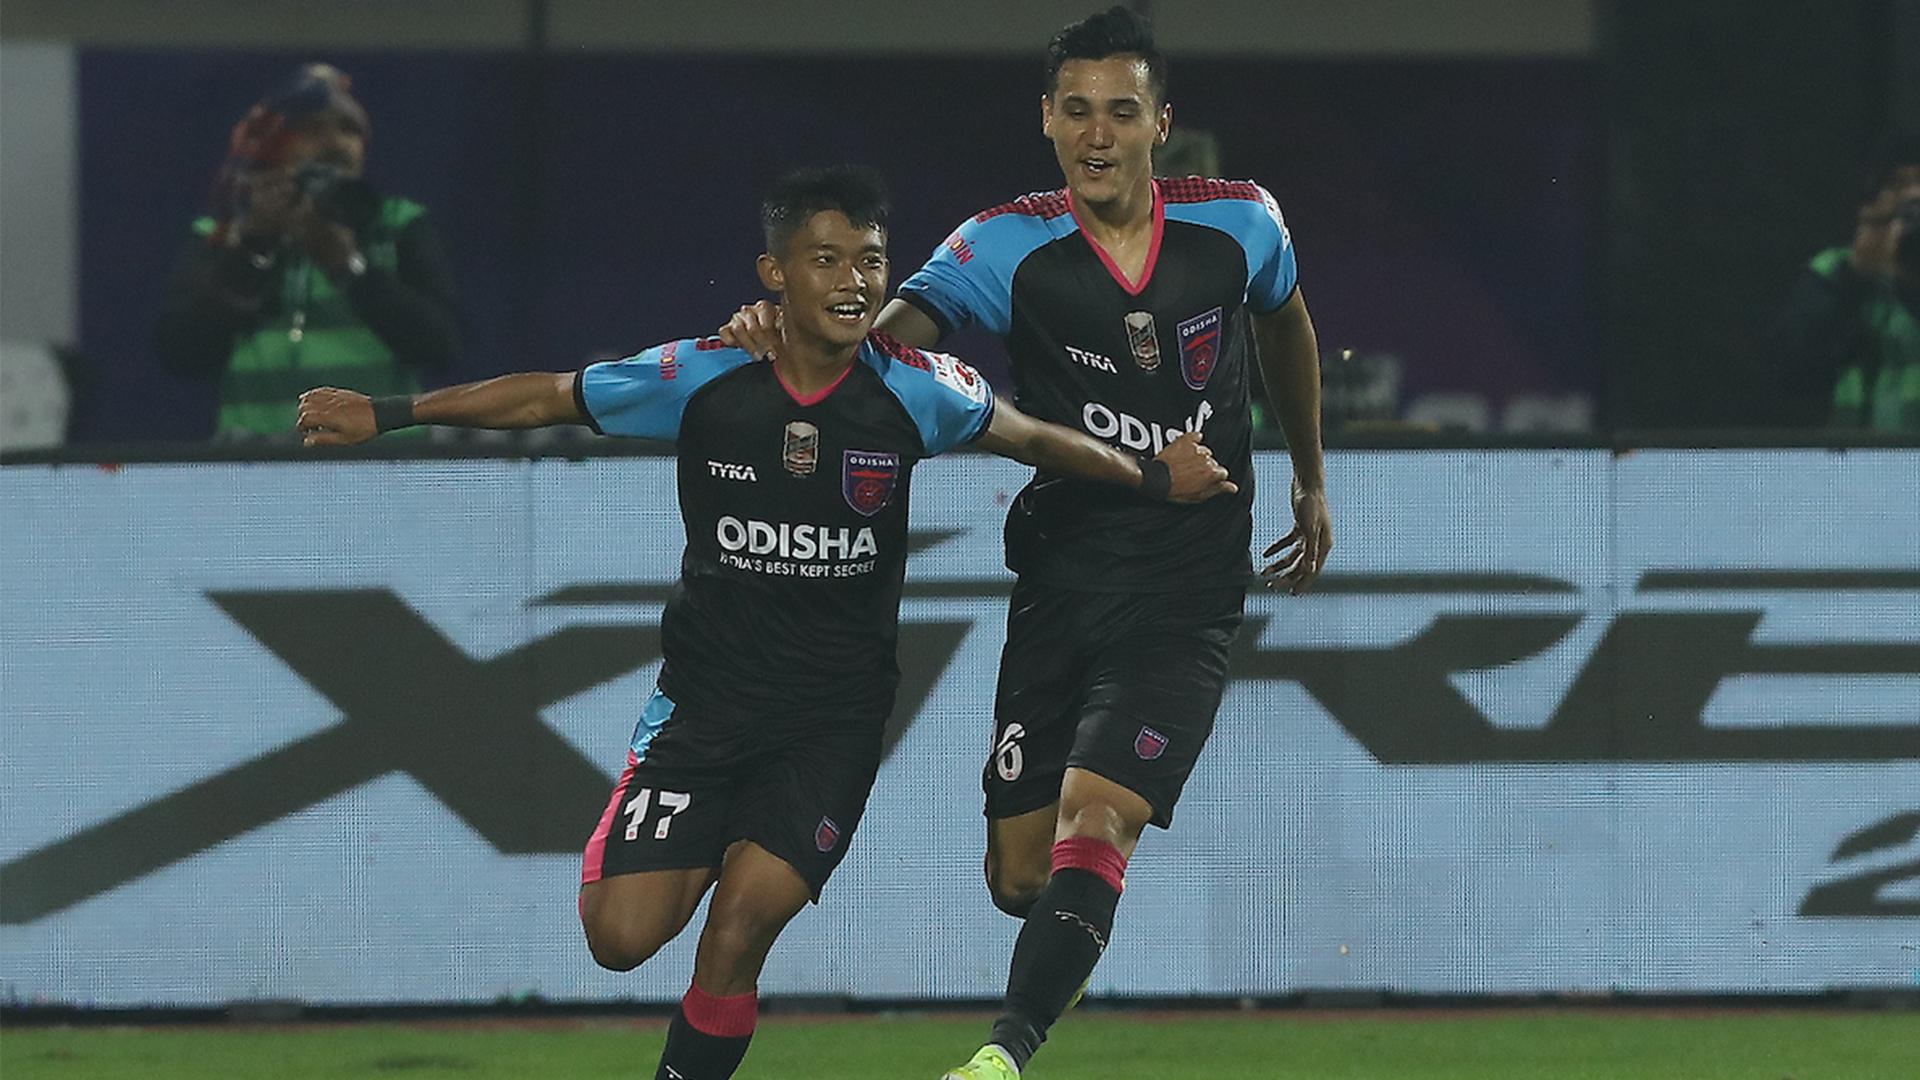 Odisha FC's Josep Gombau happy to be home